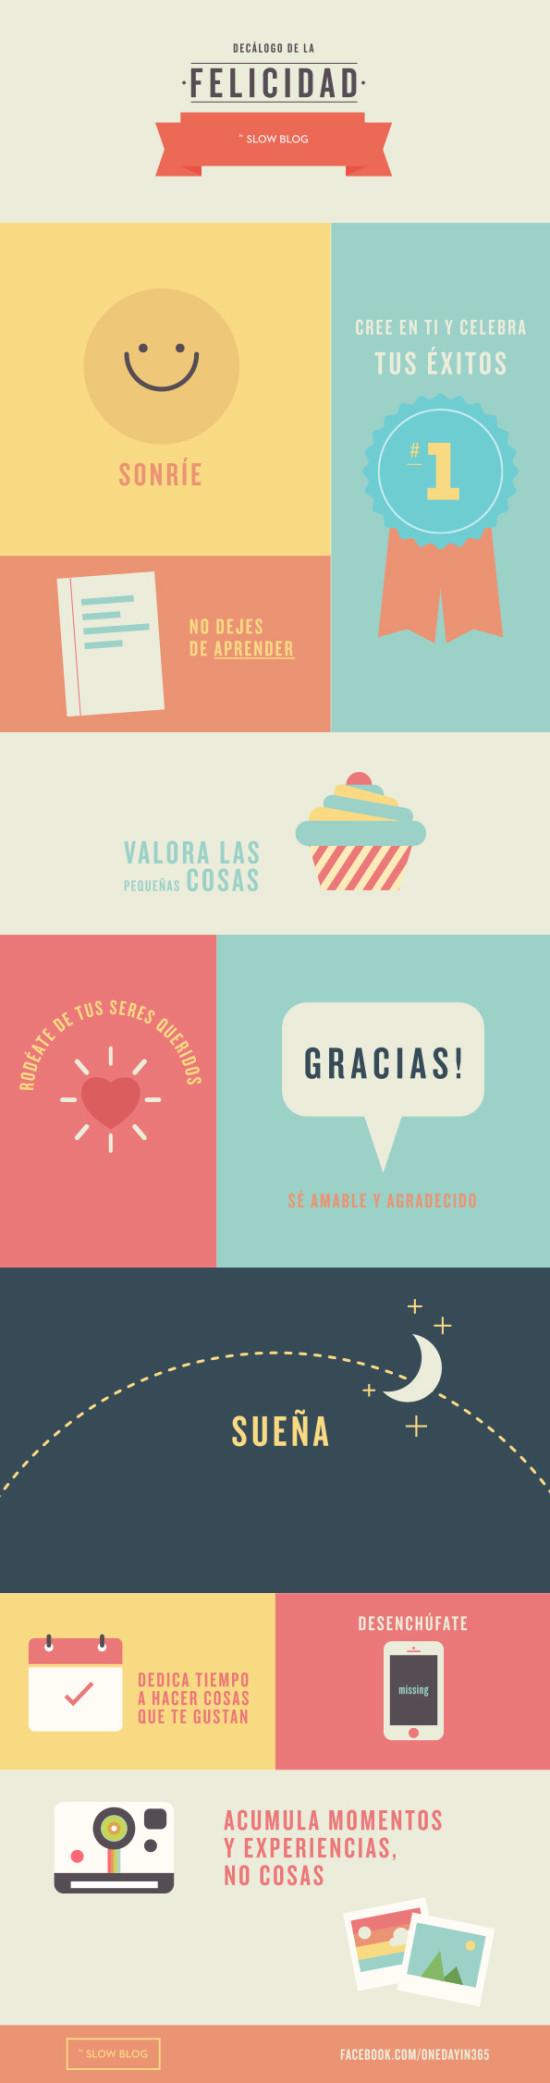 Infografia_Felicidad